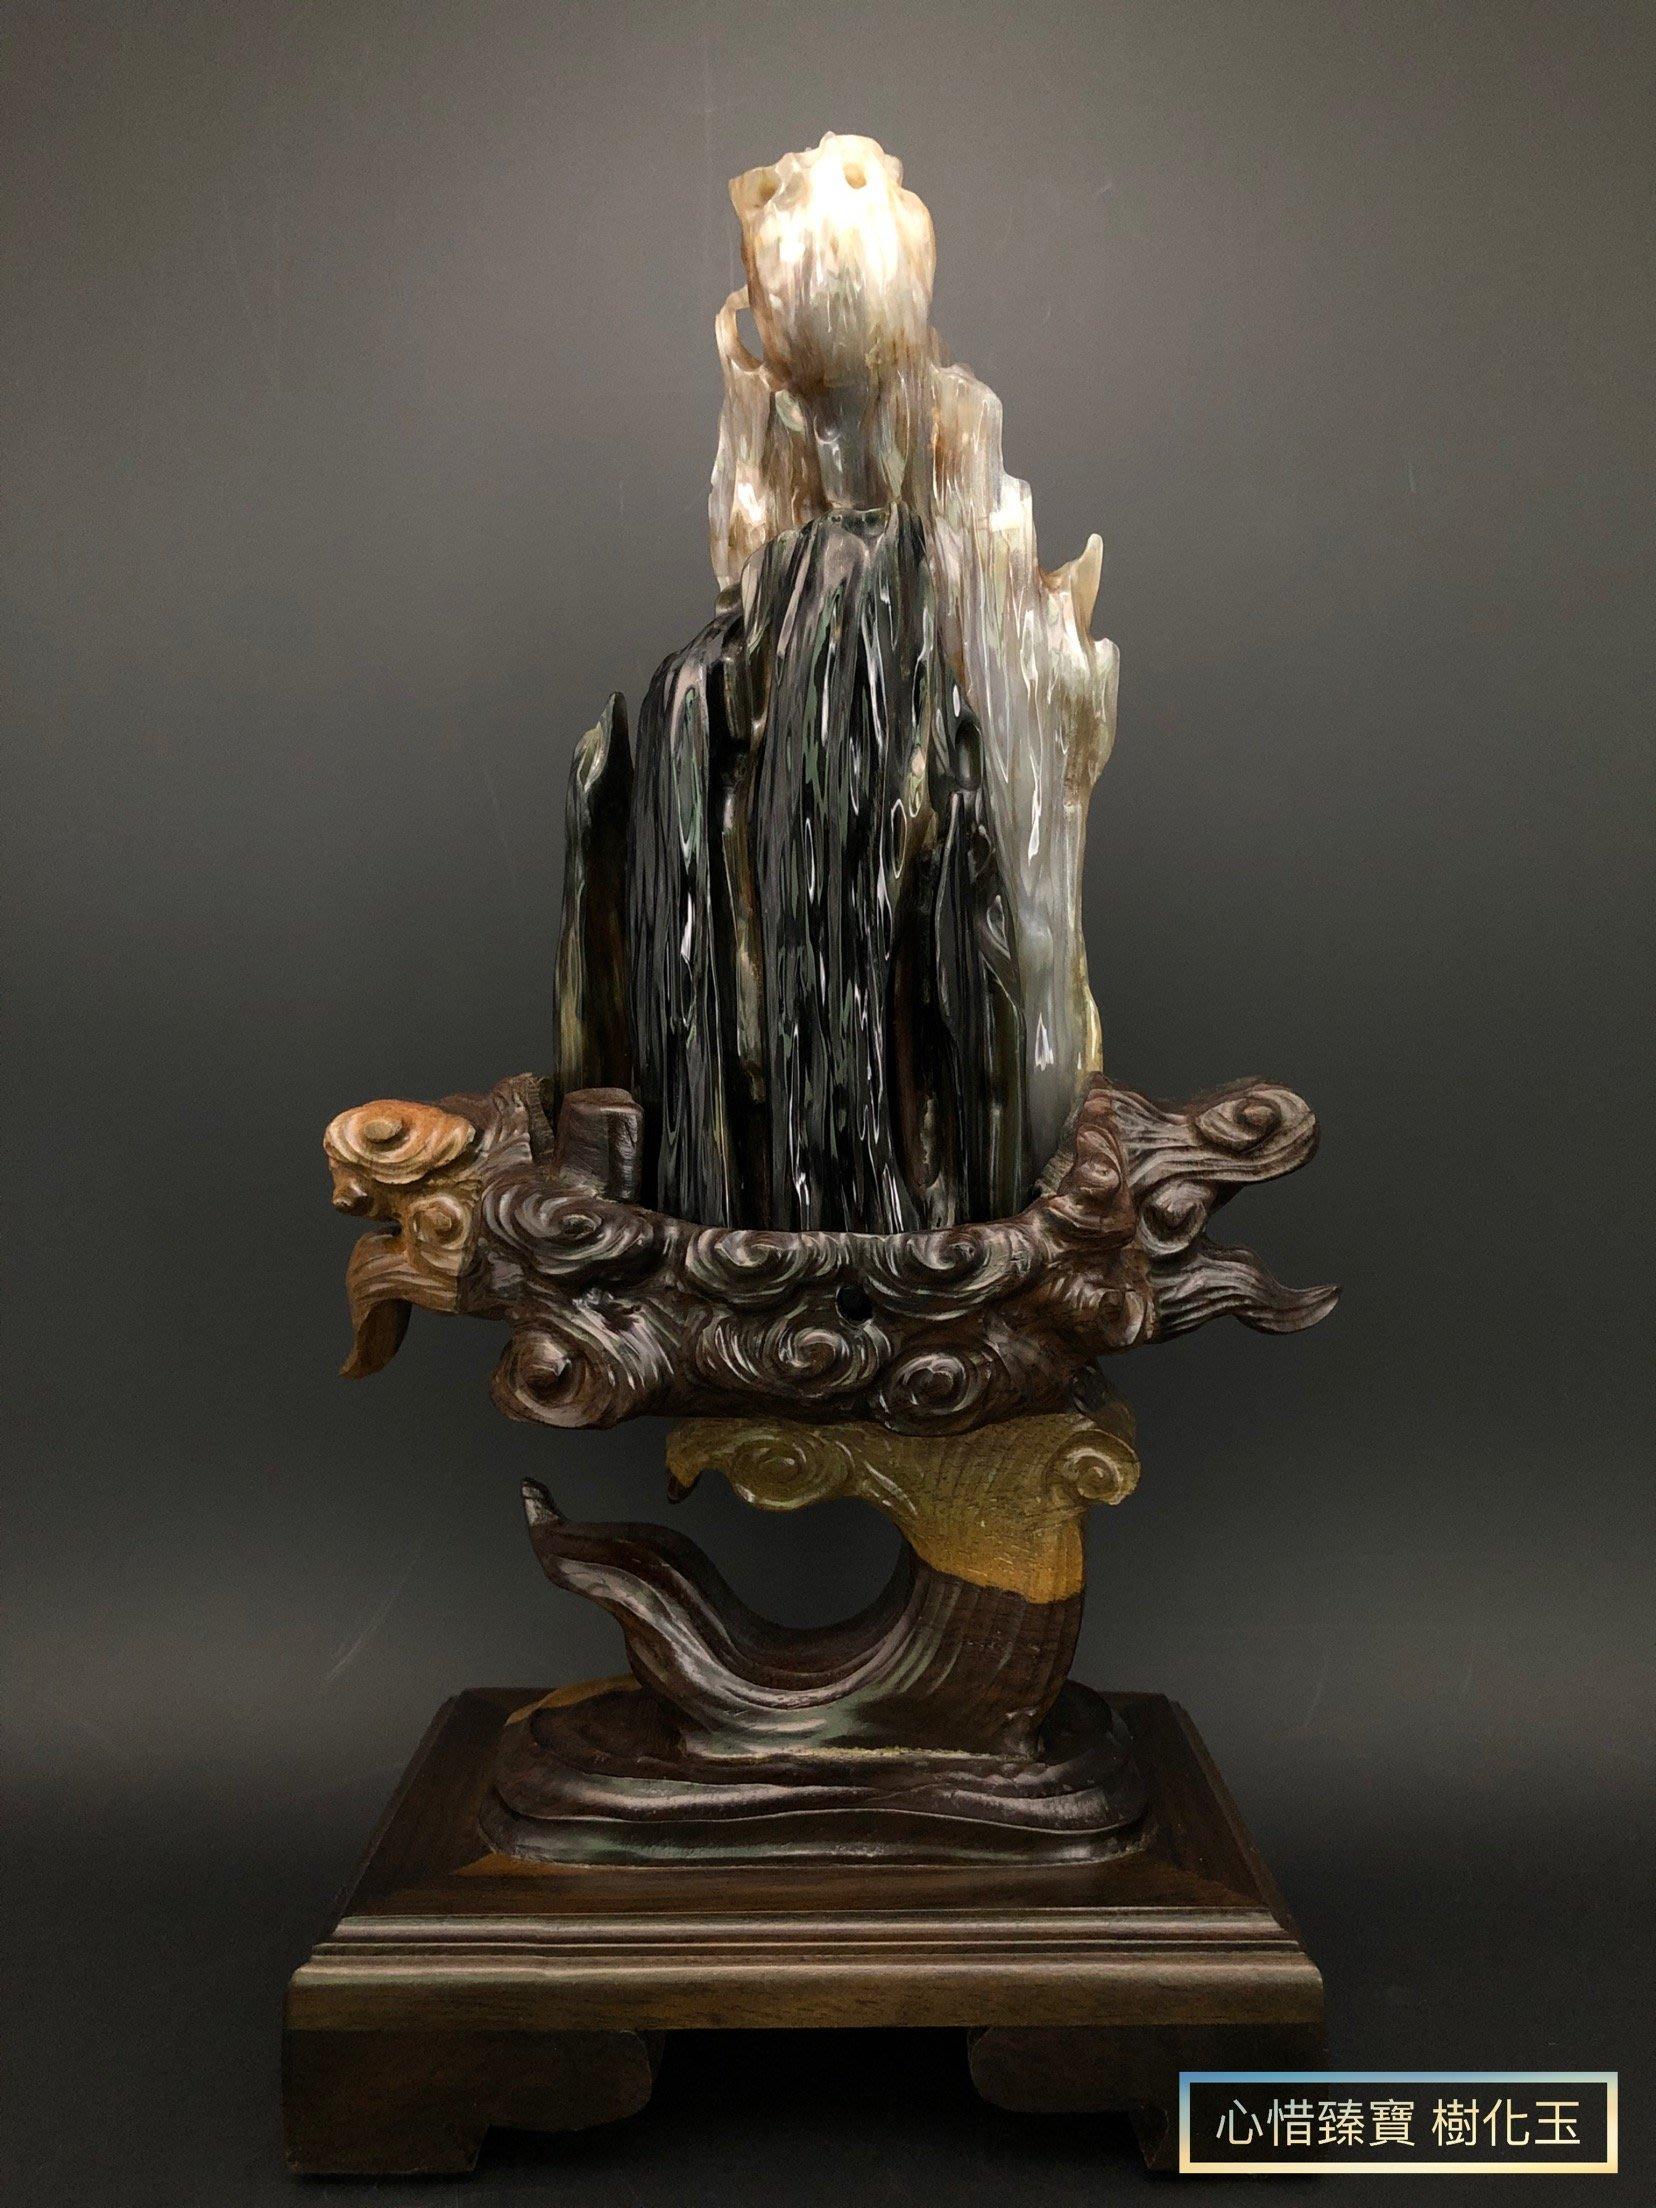 【 心惜臻寶 樹化玉 】天然緬甸樹化玉、樹玉、樹玉擺件《德柏綠料–1618》